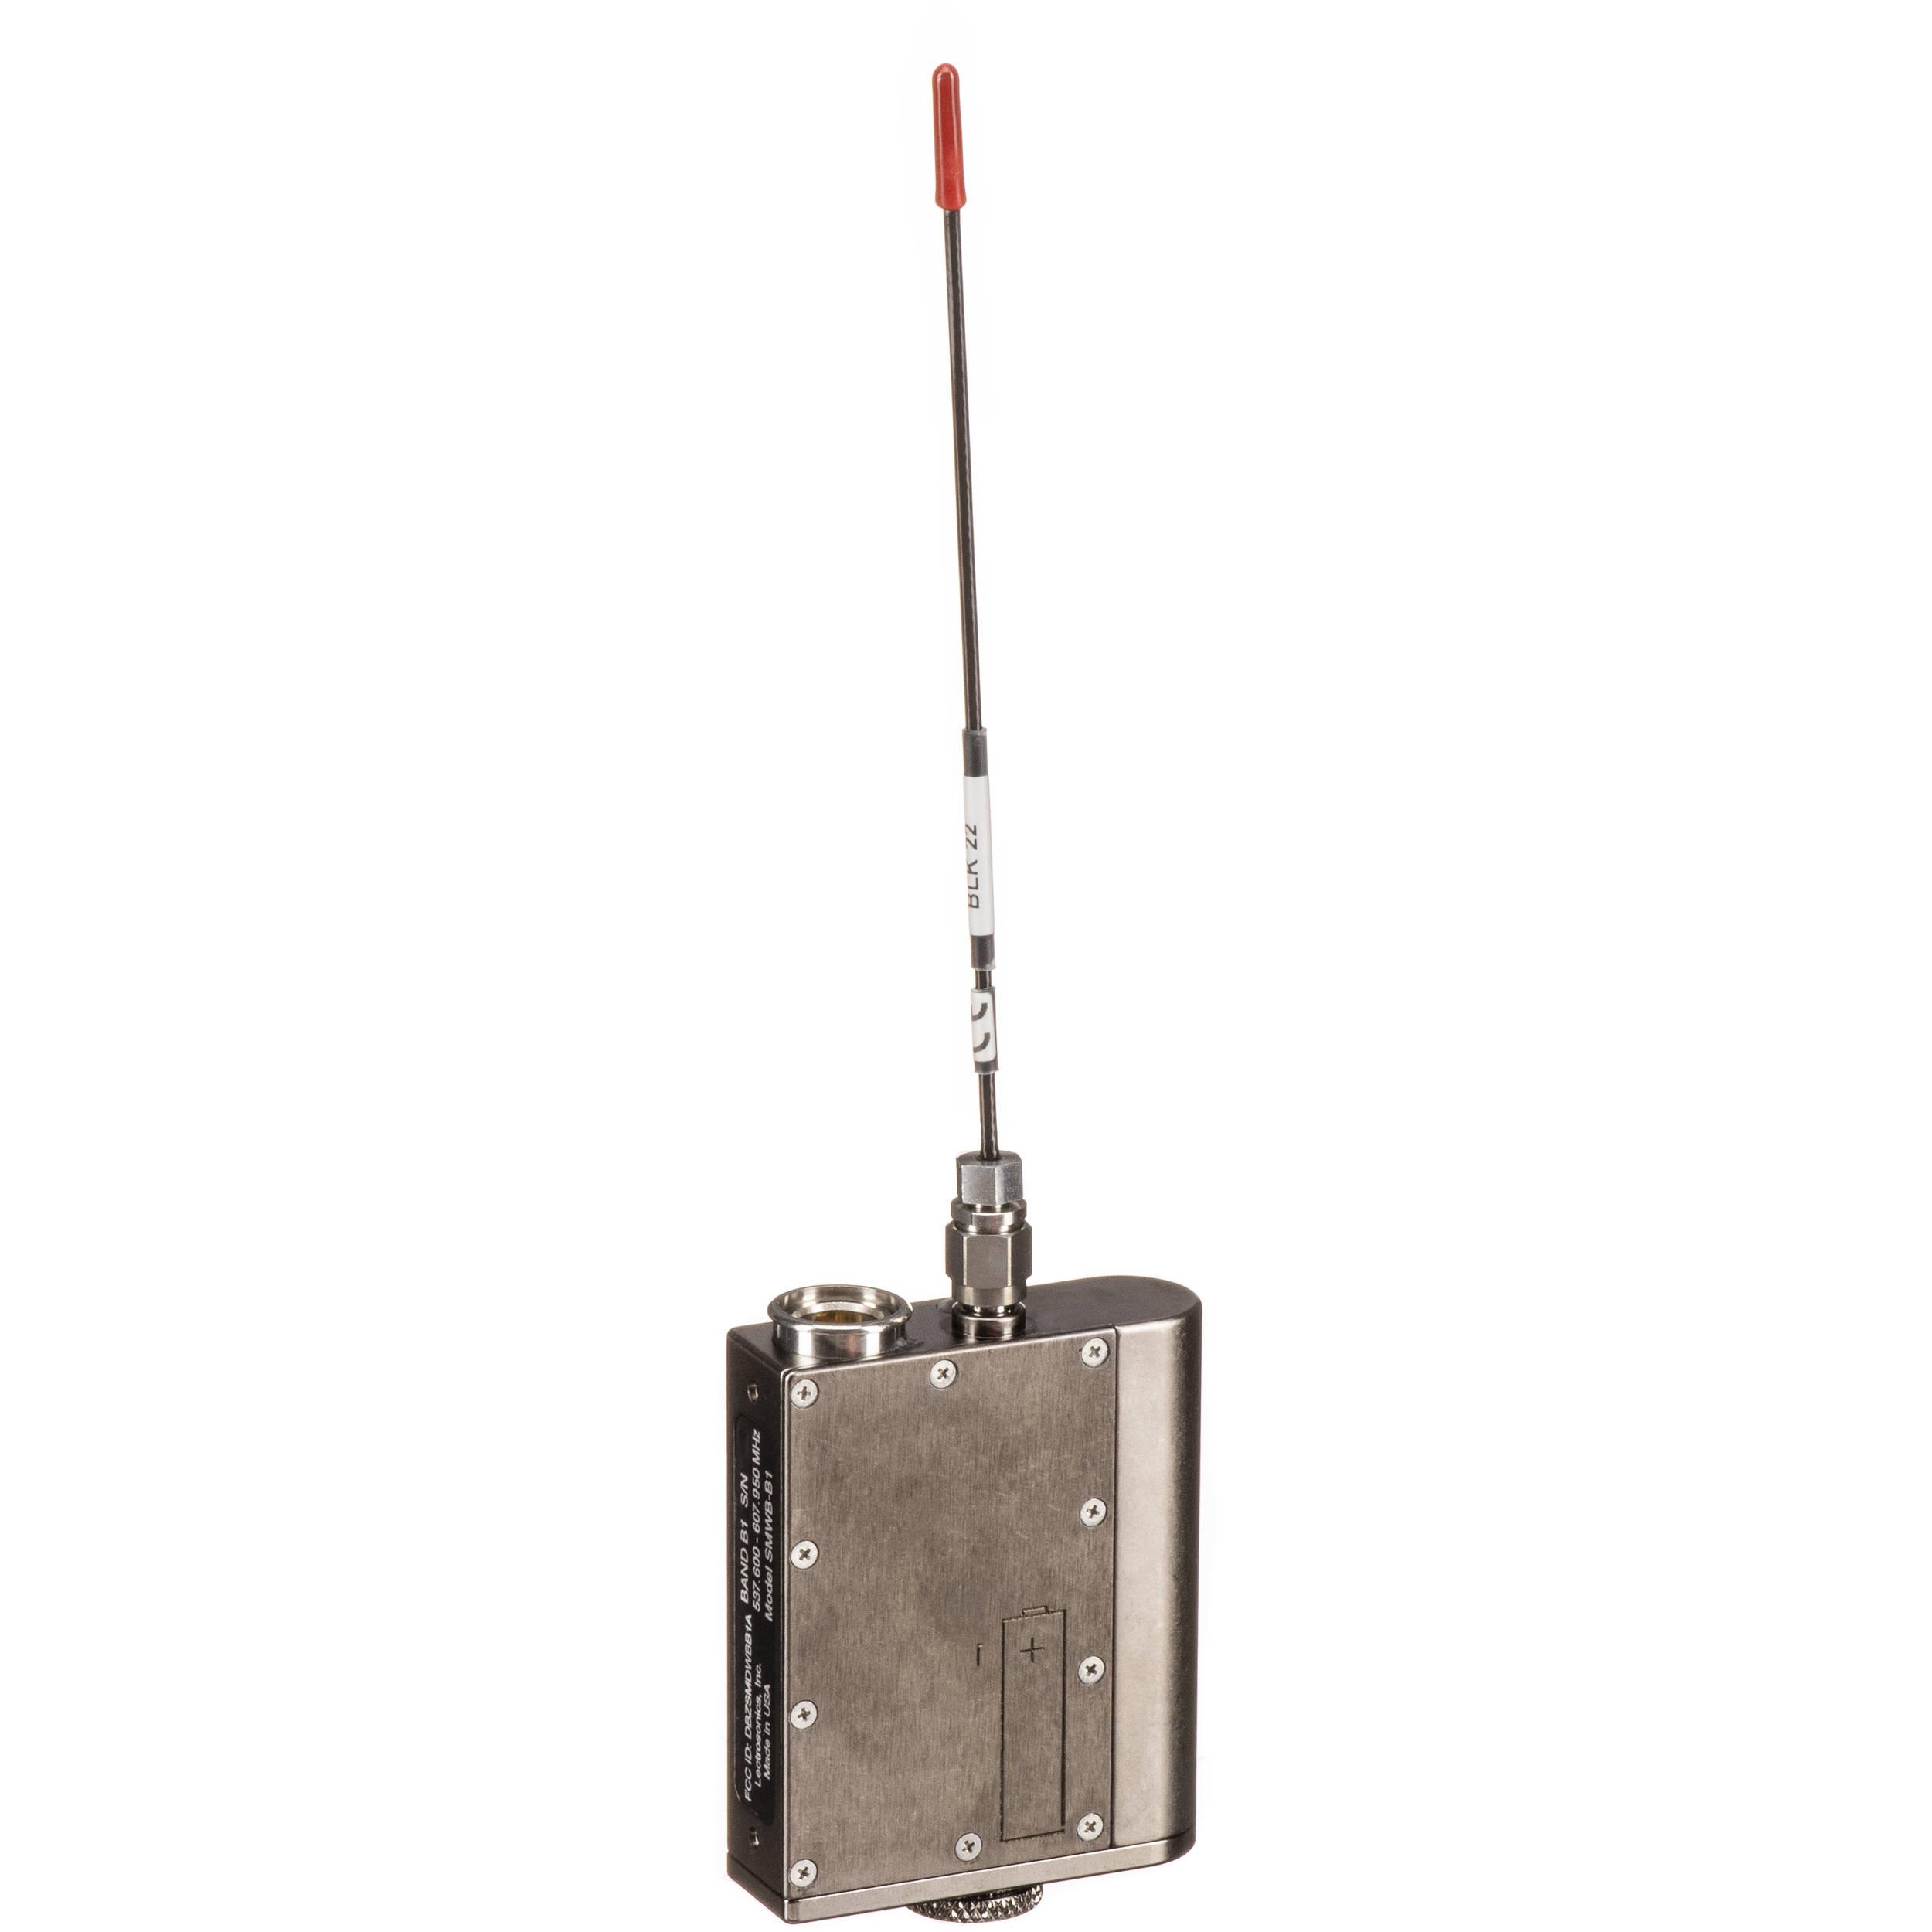 Lectrosonics SMWB Wideband Beltpack Transmitter/Recorder (B1: 537 to 607  MHz)